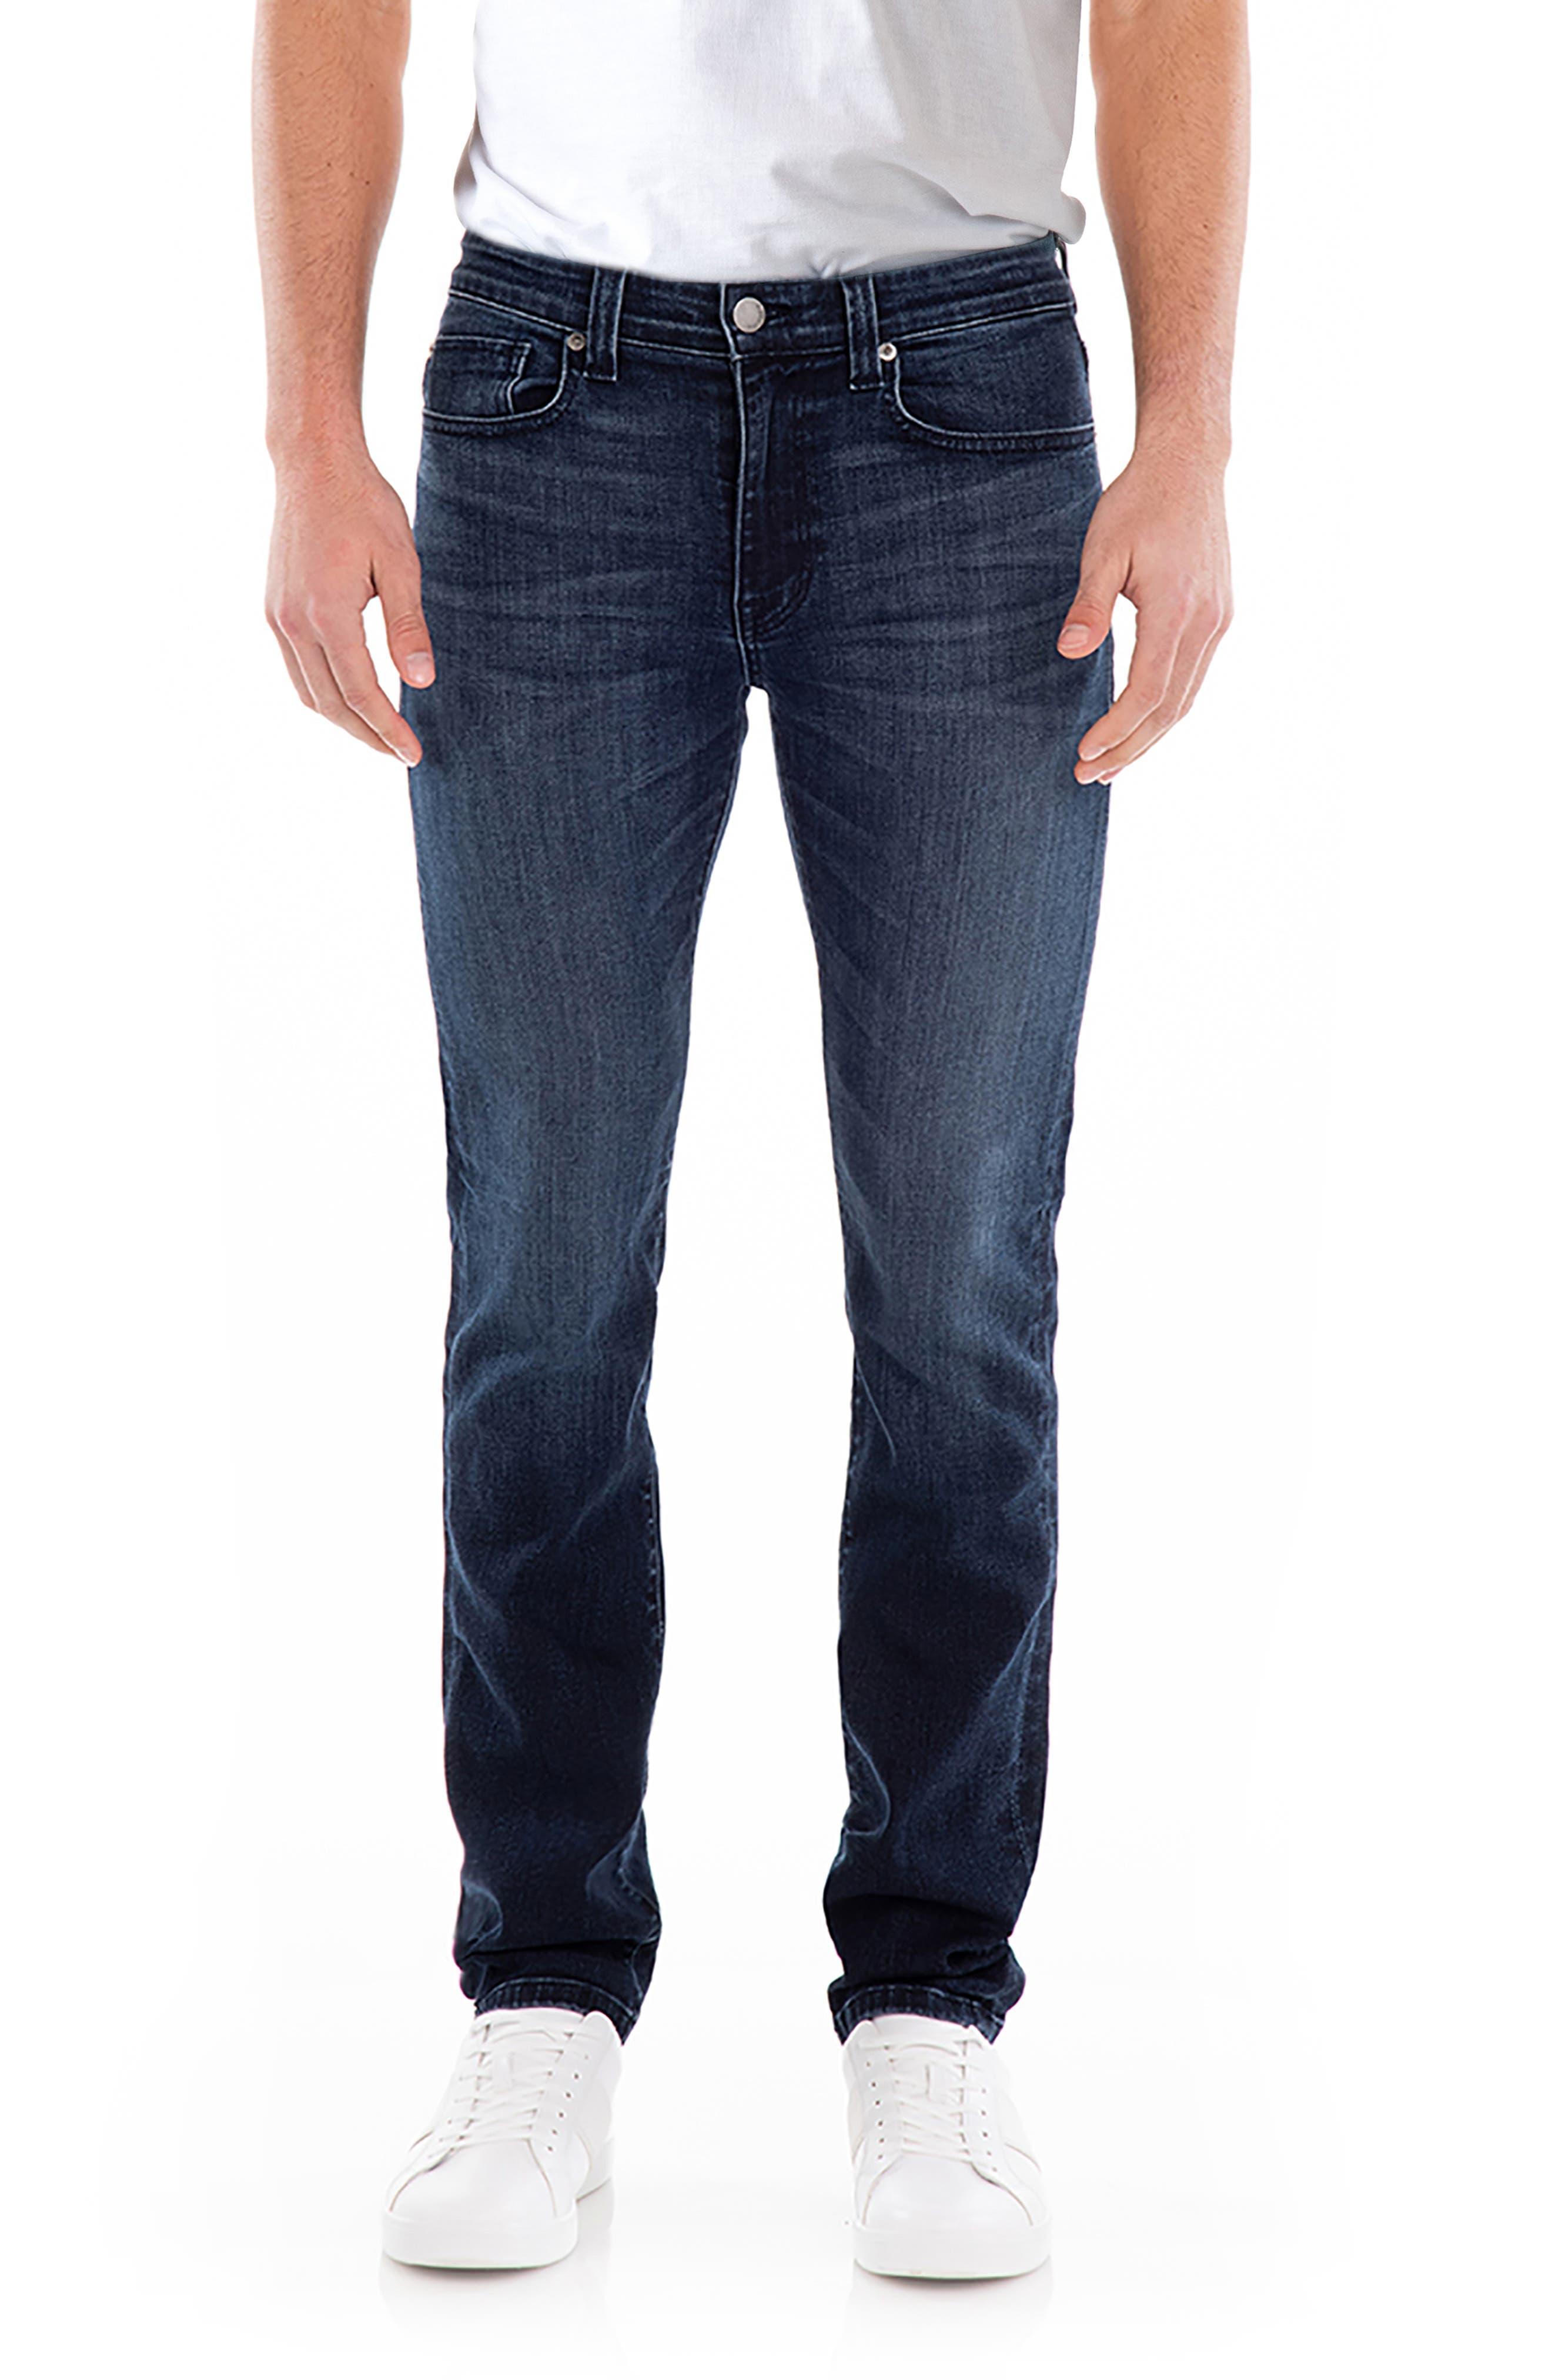 Fidelity Denim Fidelity Indie Skinny Fit Stretch Jeans